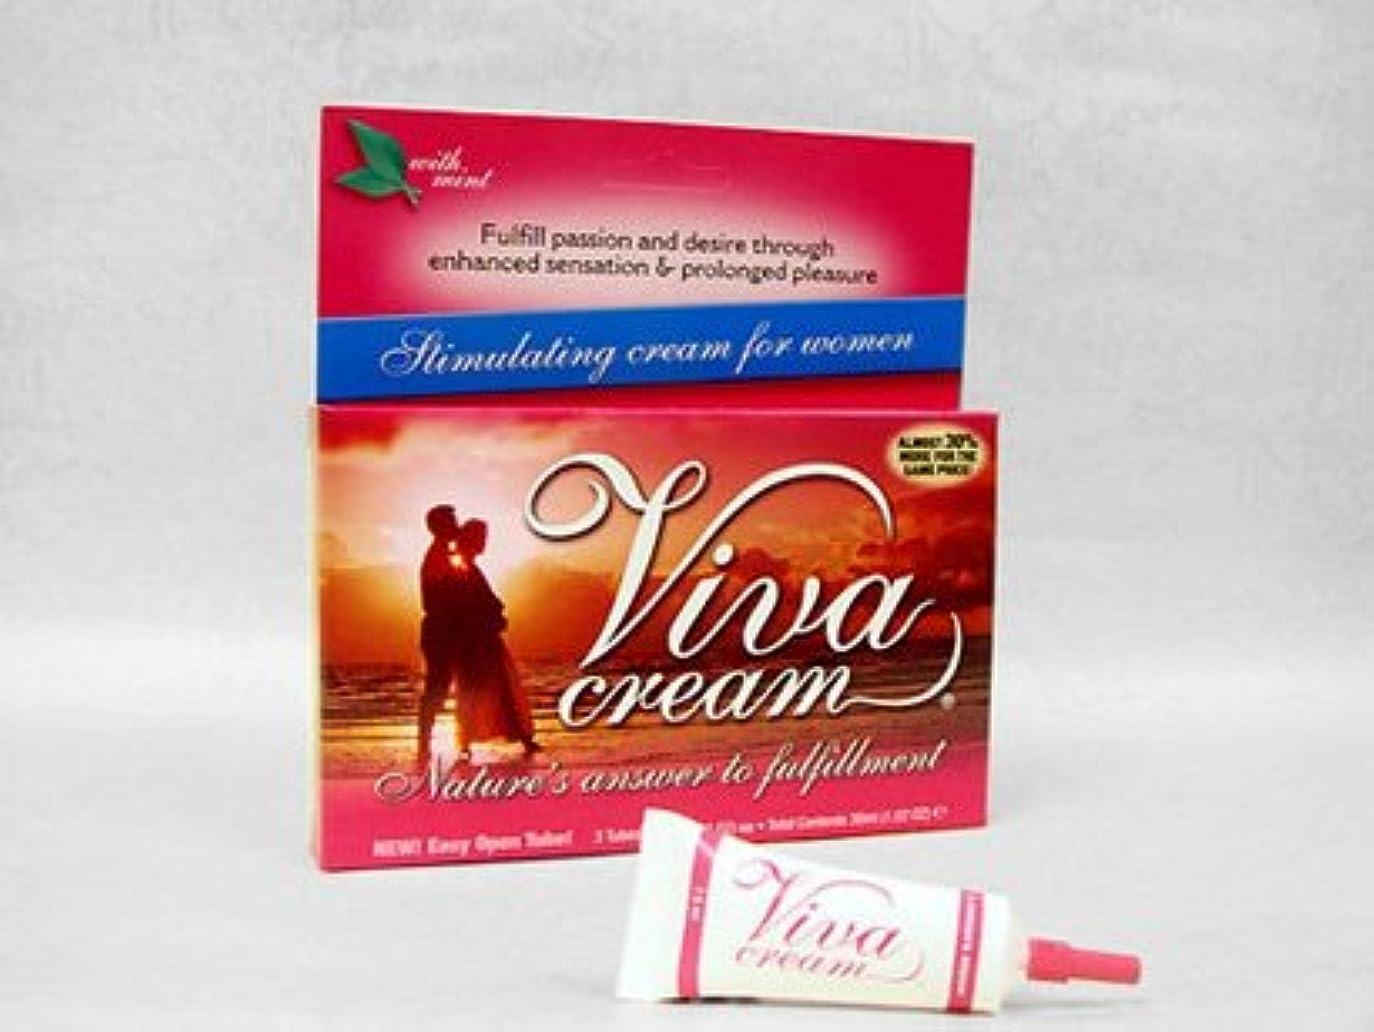 終わった狂うボランティアビバクリーム Viva Cream (7.5ml) 6本セット